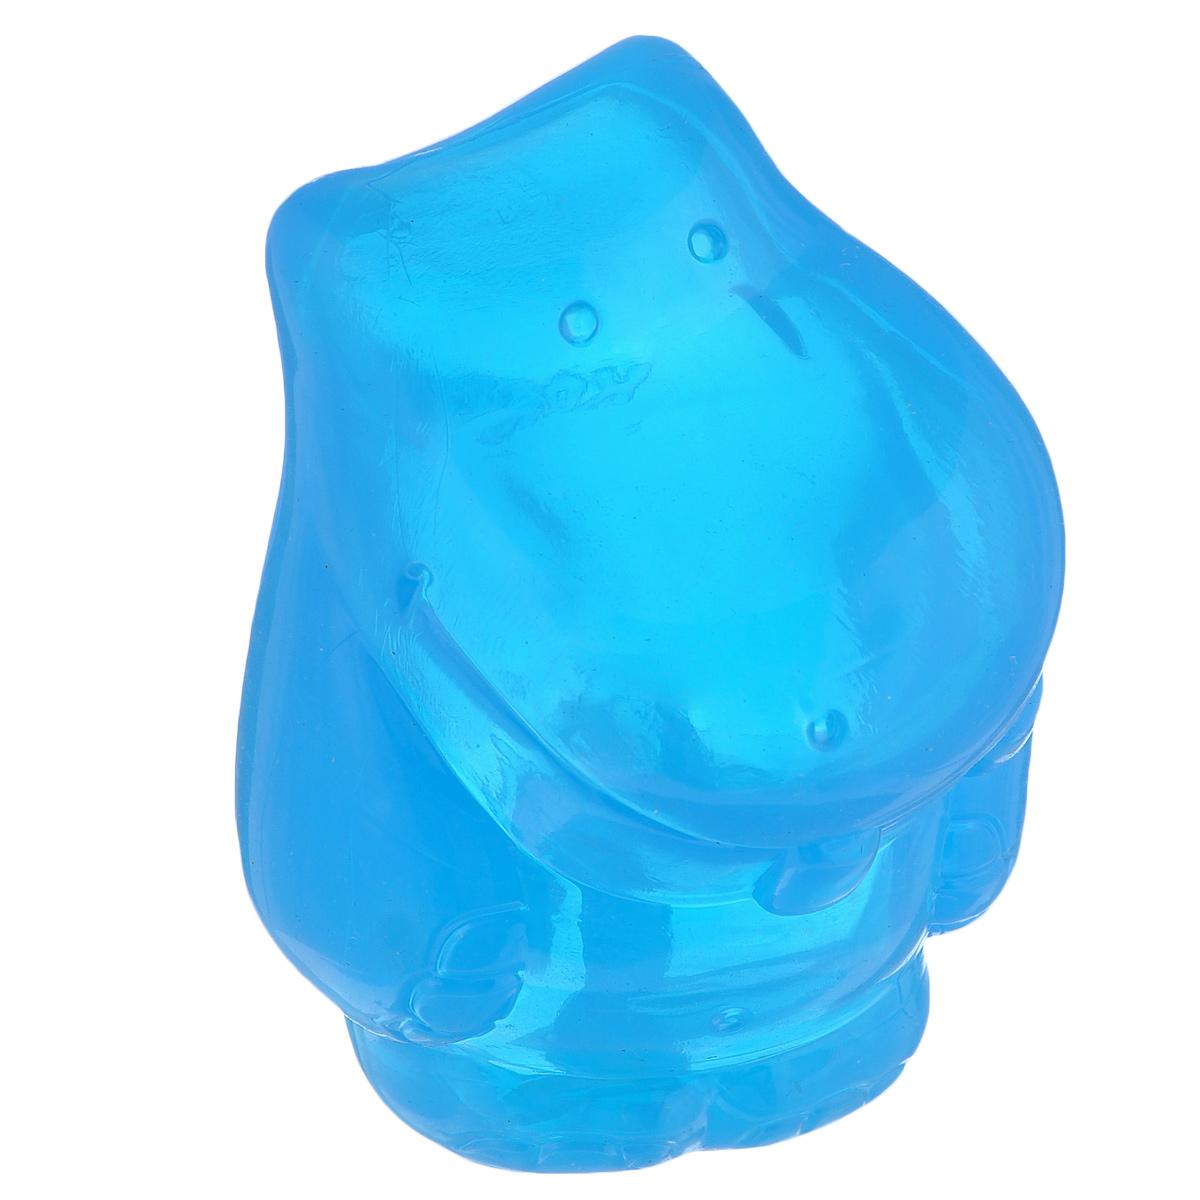 Игрушка для собак Kong Сквиз Джелс Бегемот, большой, с пищалкой, цвет: синий игрушка аппортировка kong safestix большая цвет светло зеленый pf1